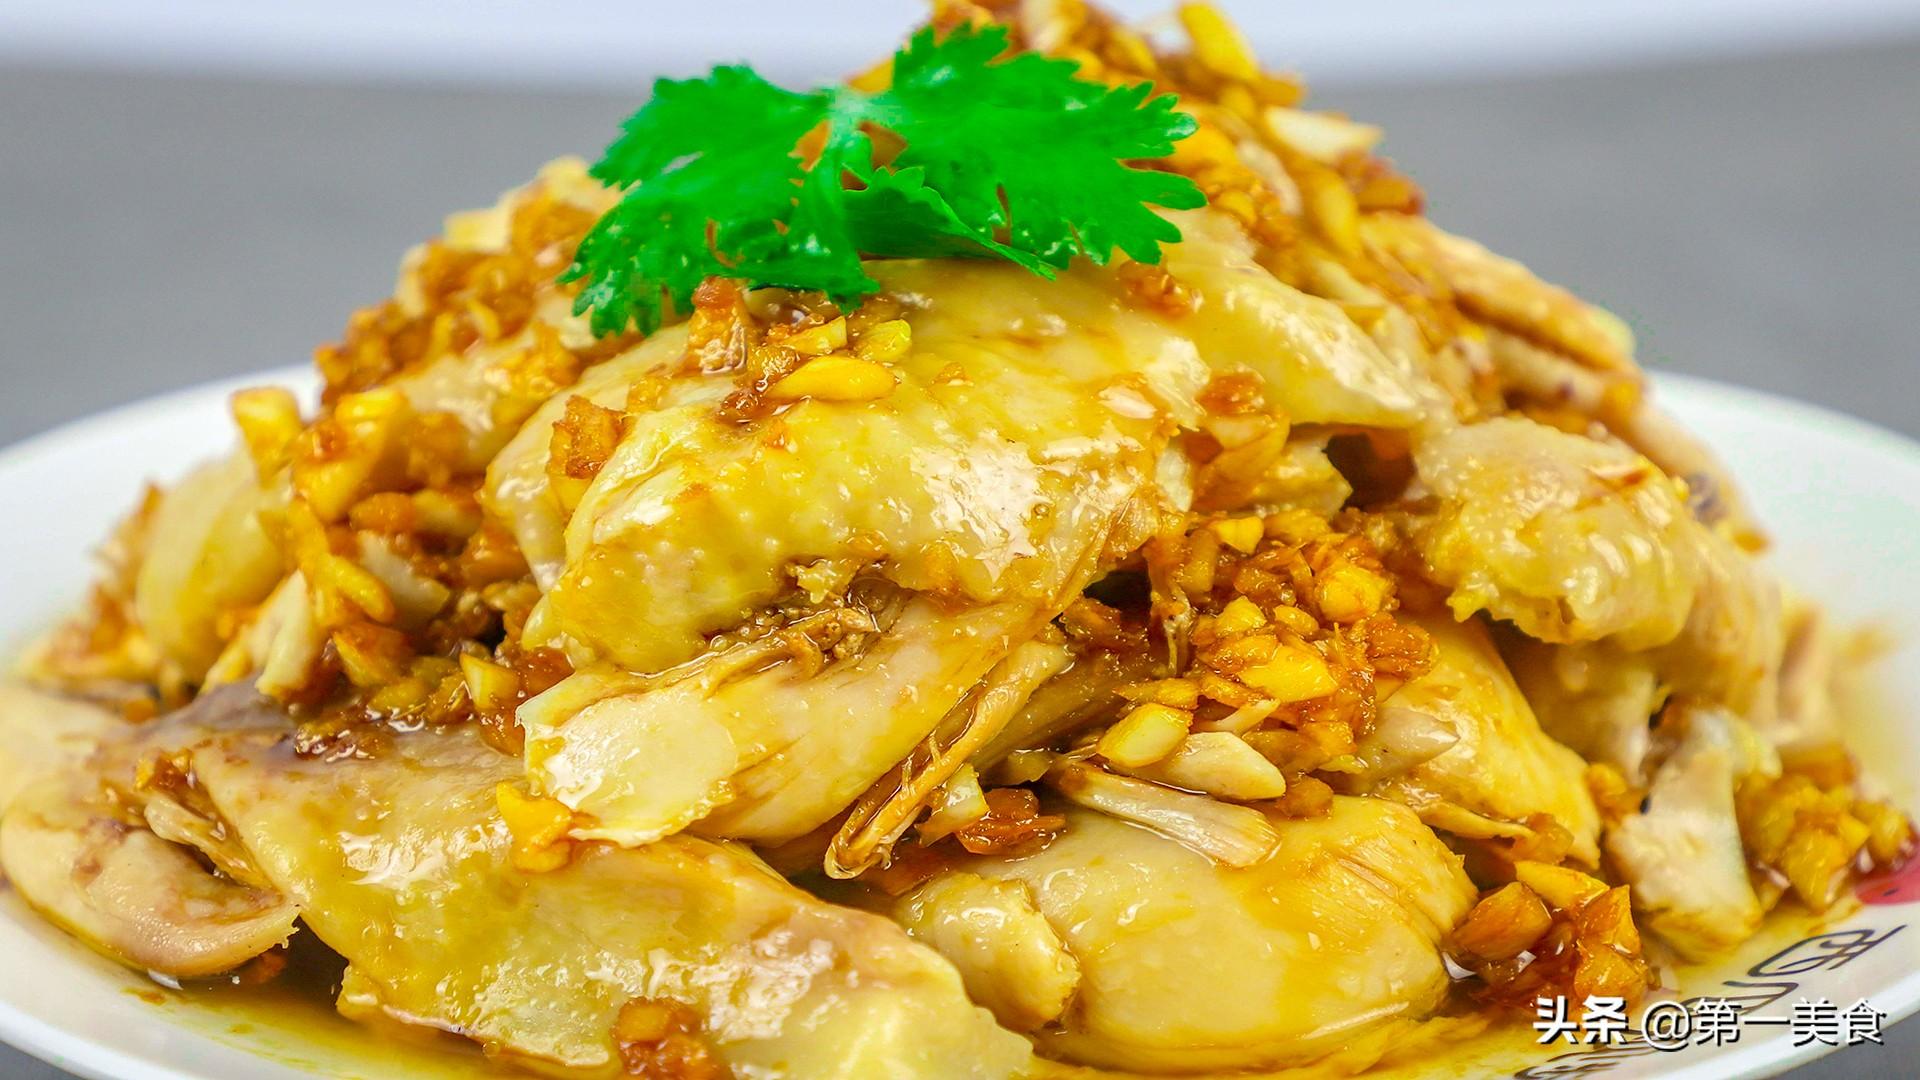 葱油手撕鸡家常做法 做一次就能成功 原汁原味 肉鲜味美又好吃